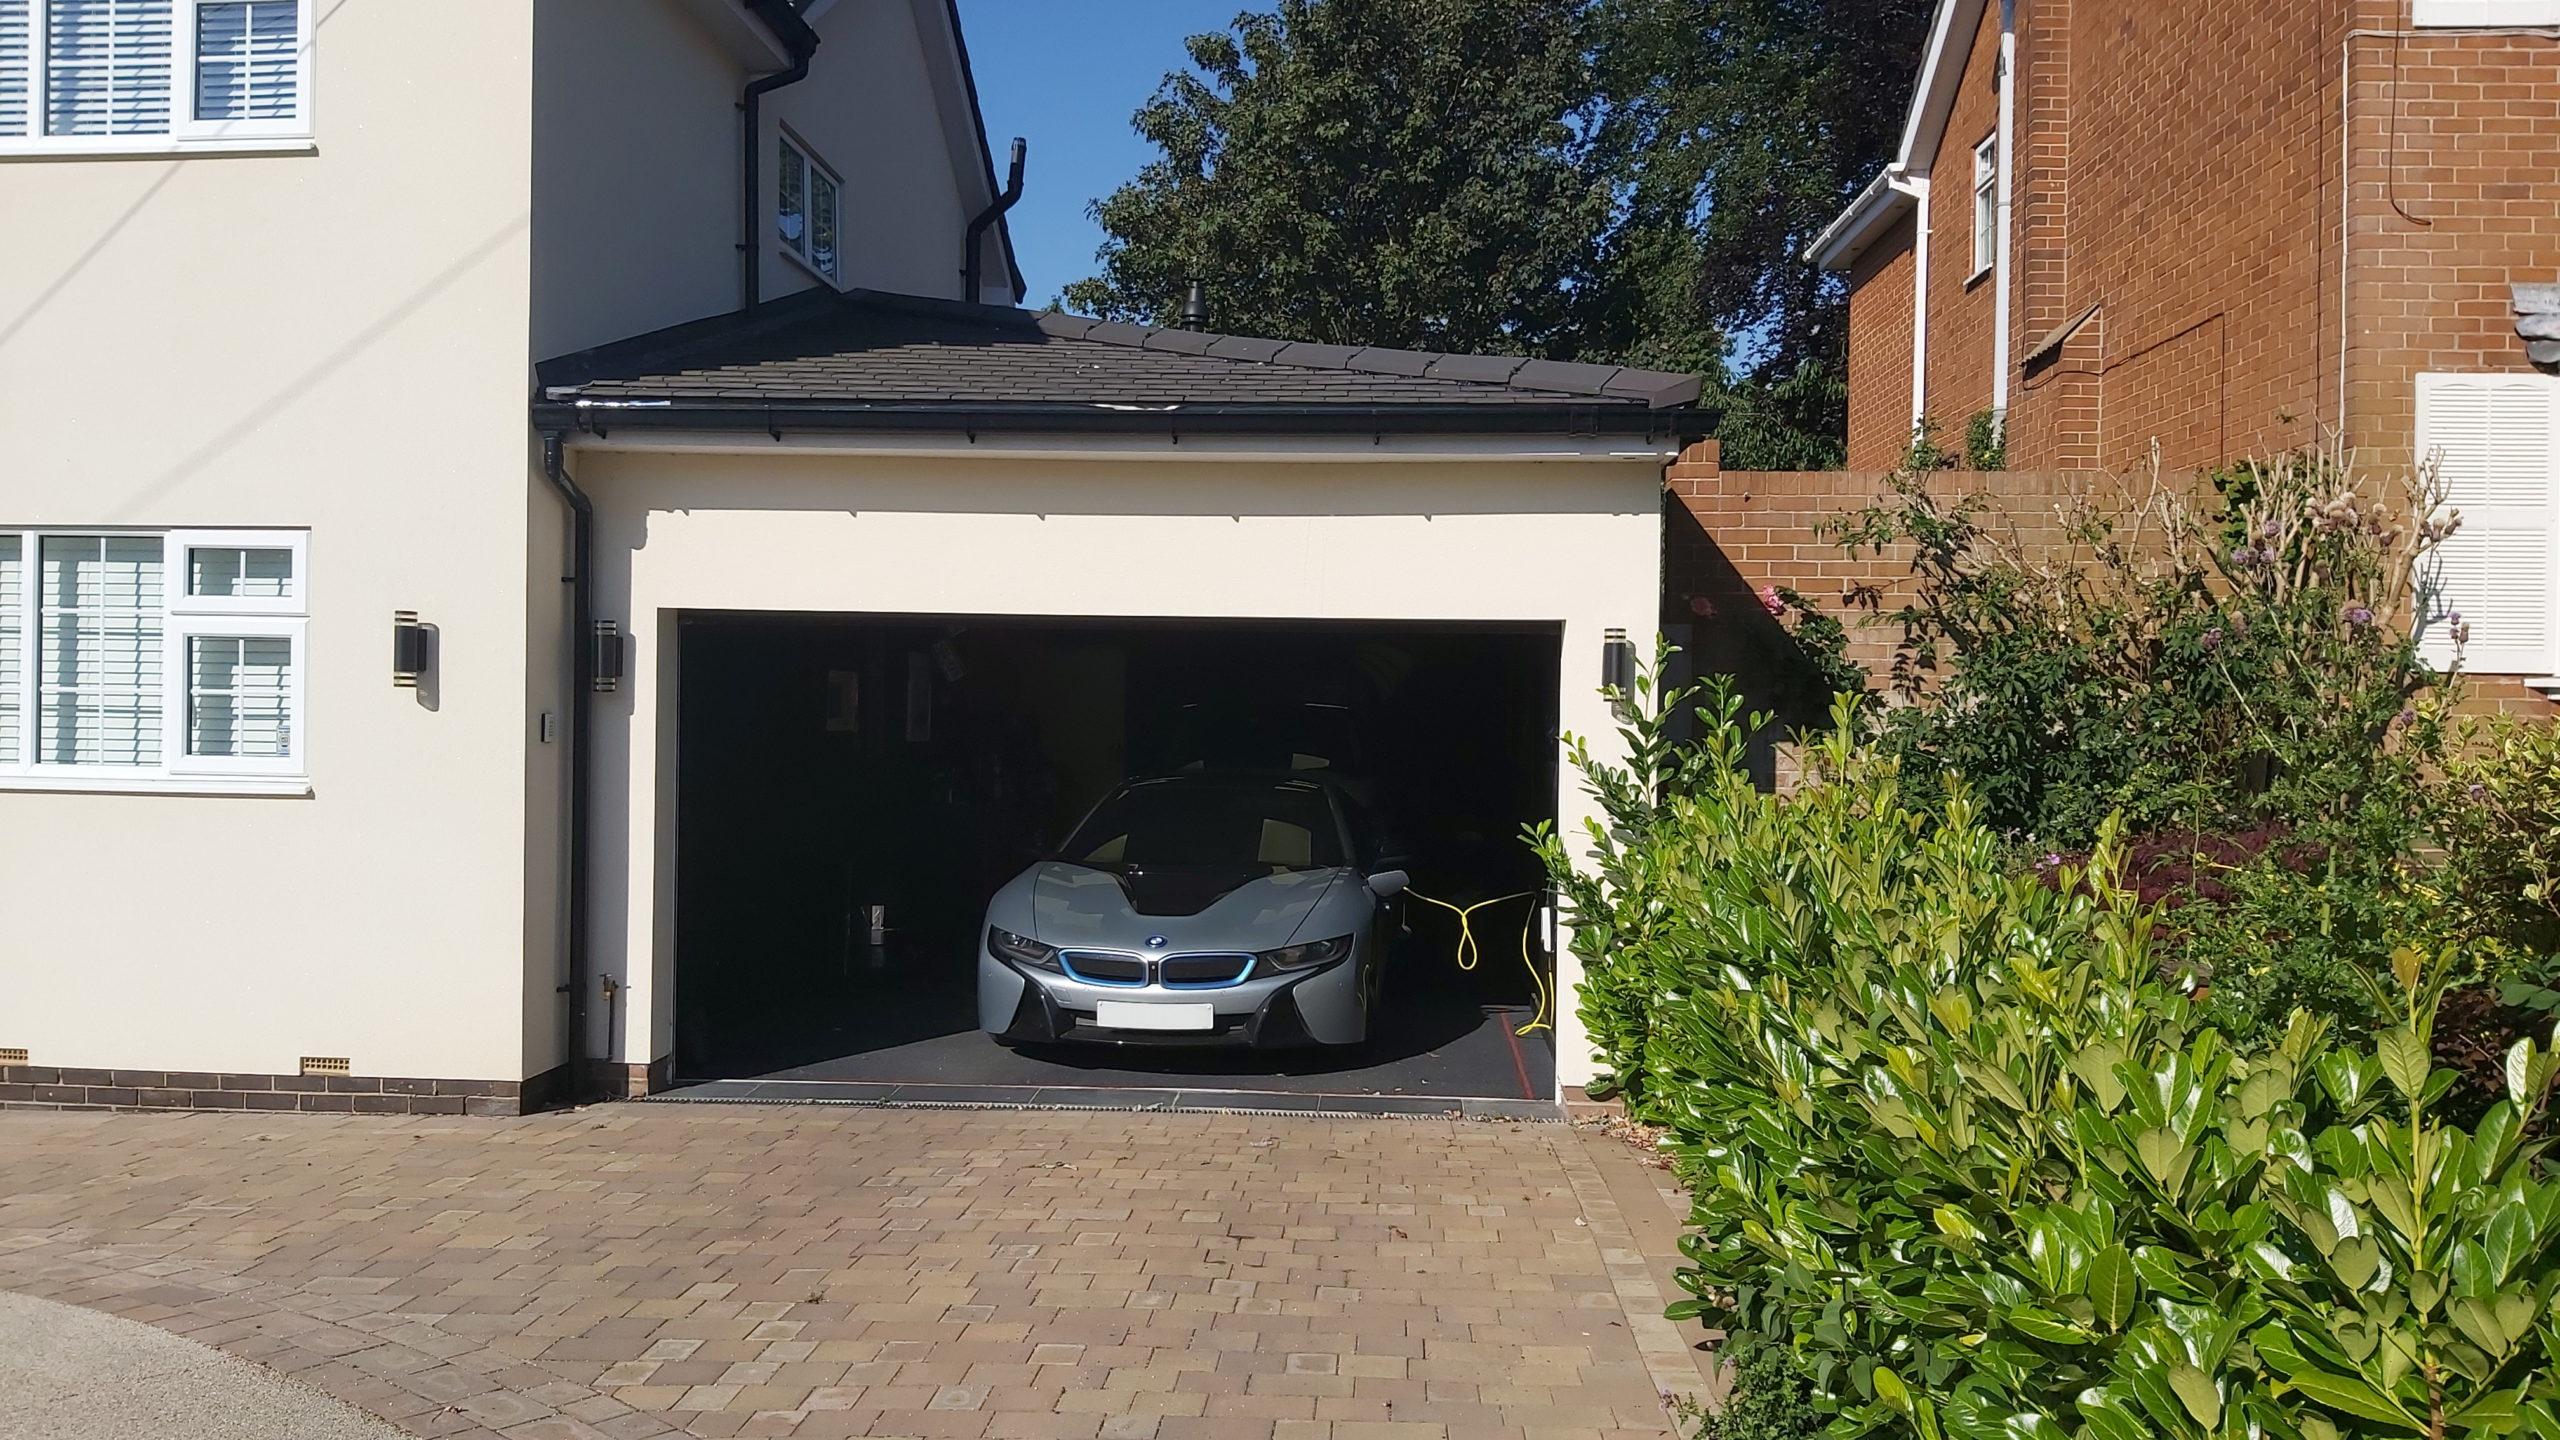 Car parked inside new garage